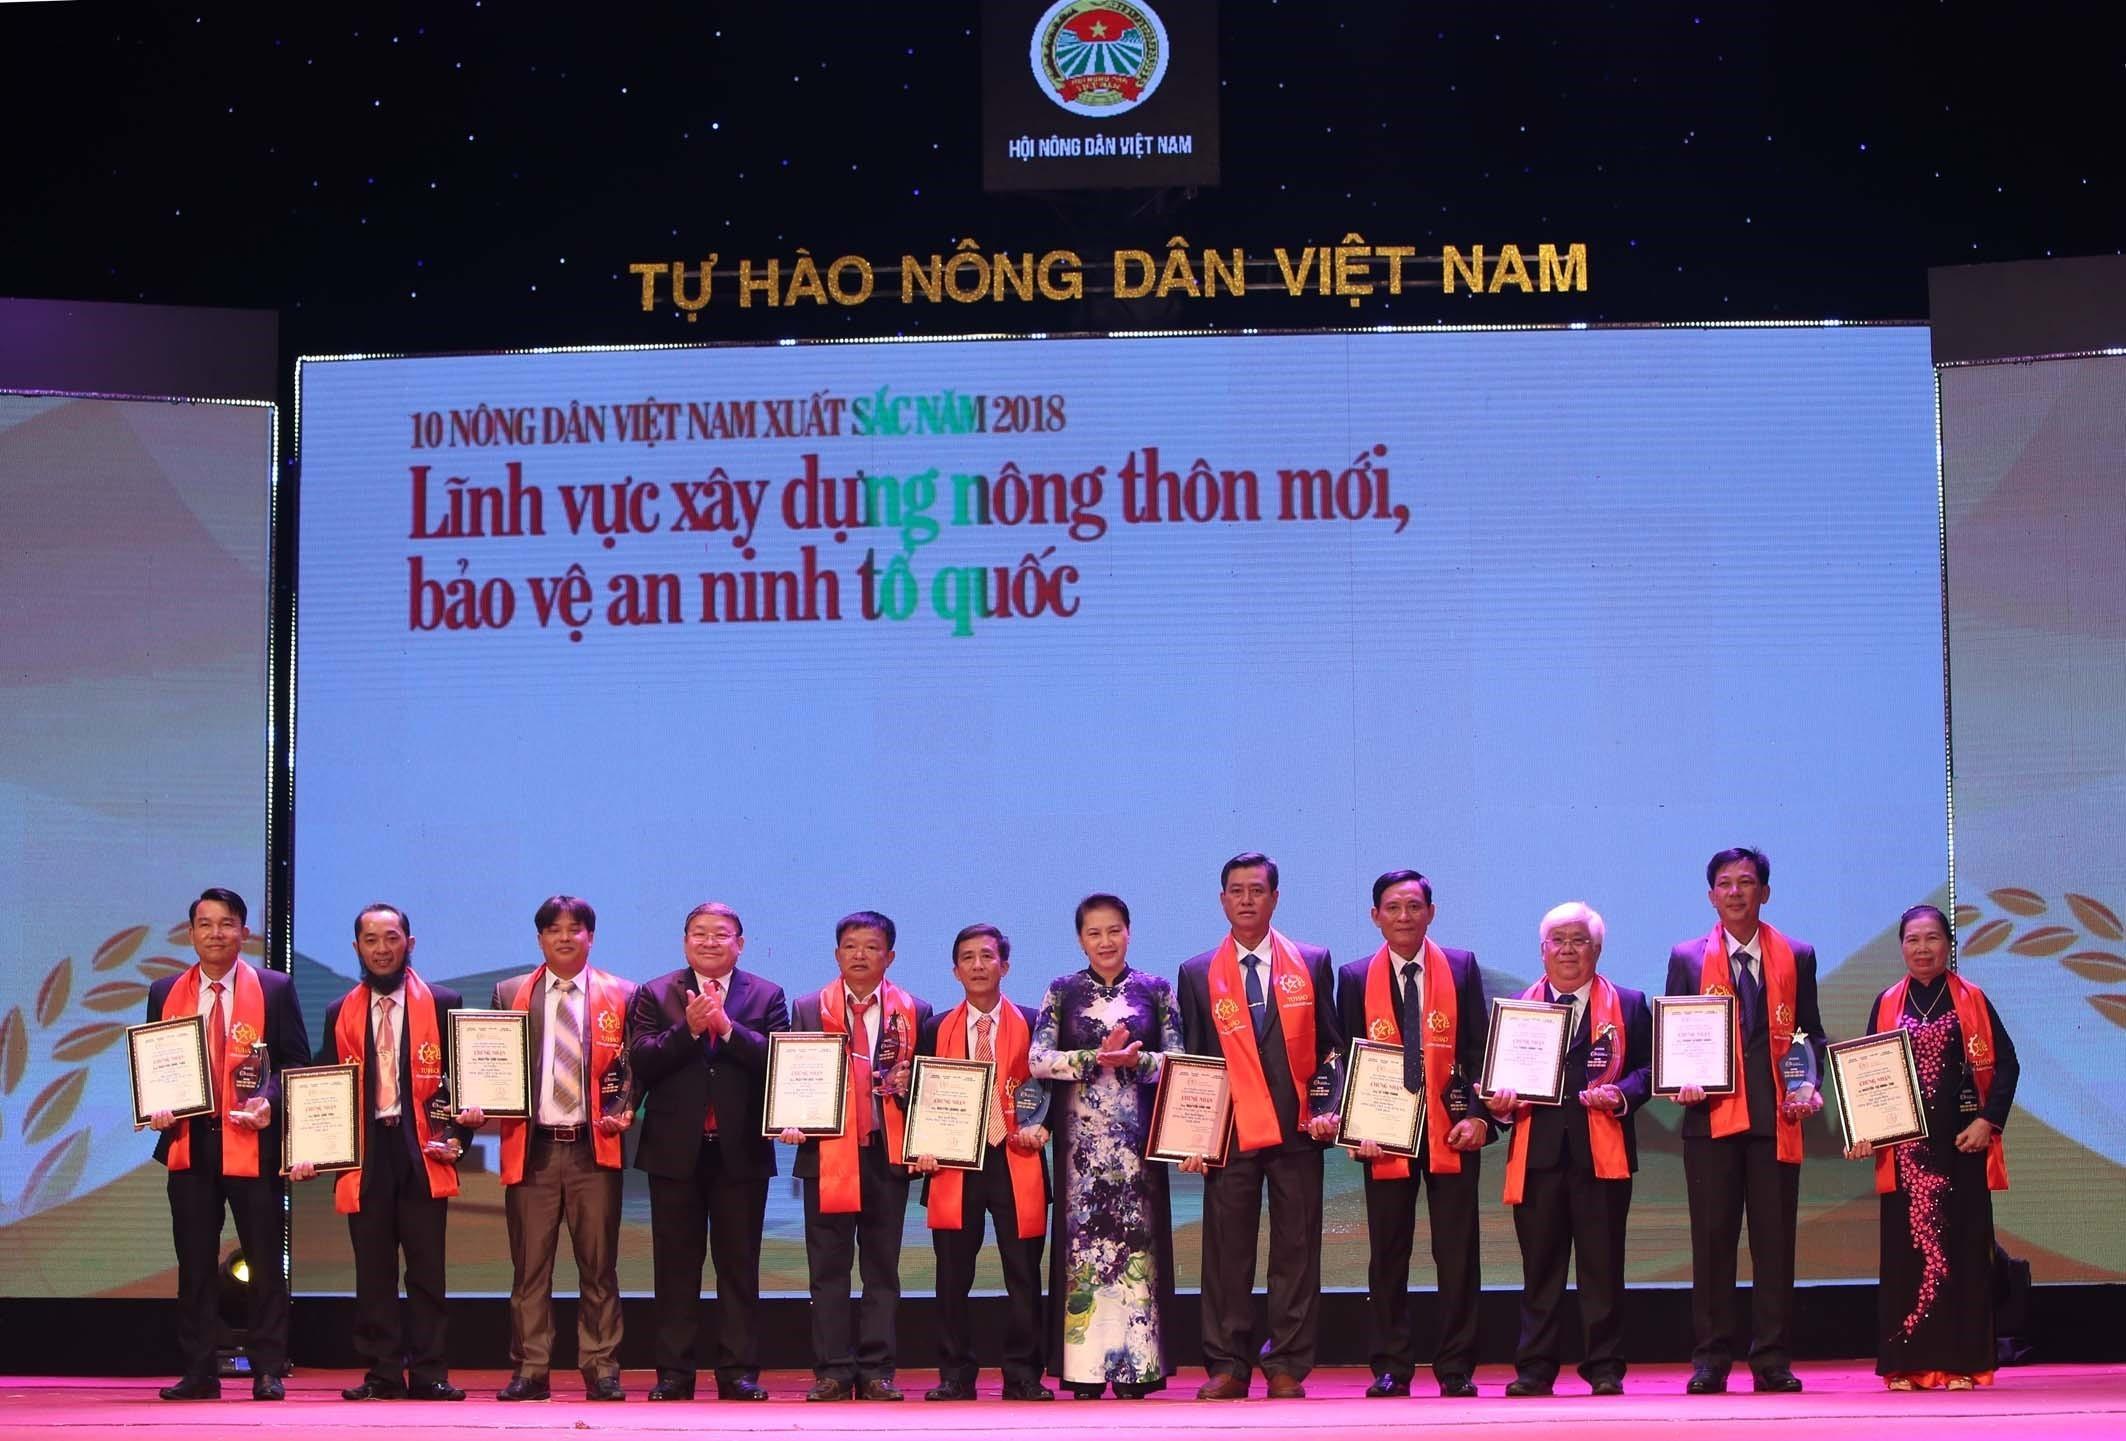 """Chủ tịch Quốc hội Nguyễn Thị Kim Ngân dự Lễ tôn vinh và trao tặng danh hiệu """"Nông dân Việt Nam xuất sắc 2018"""""""